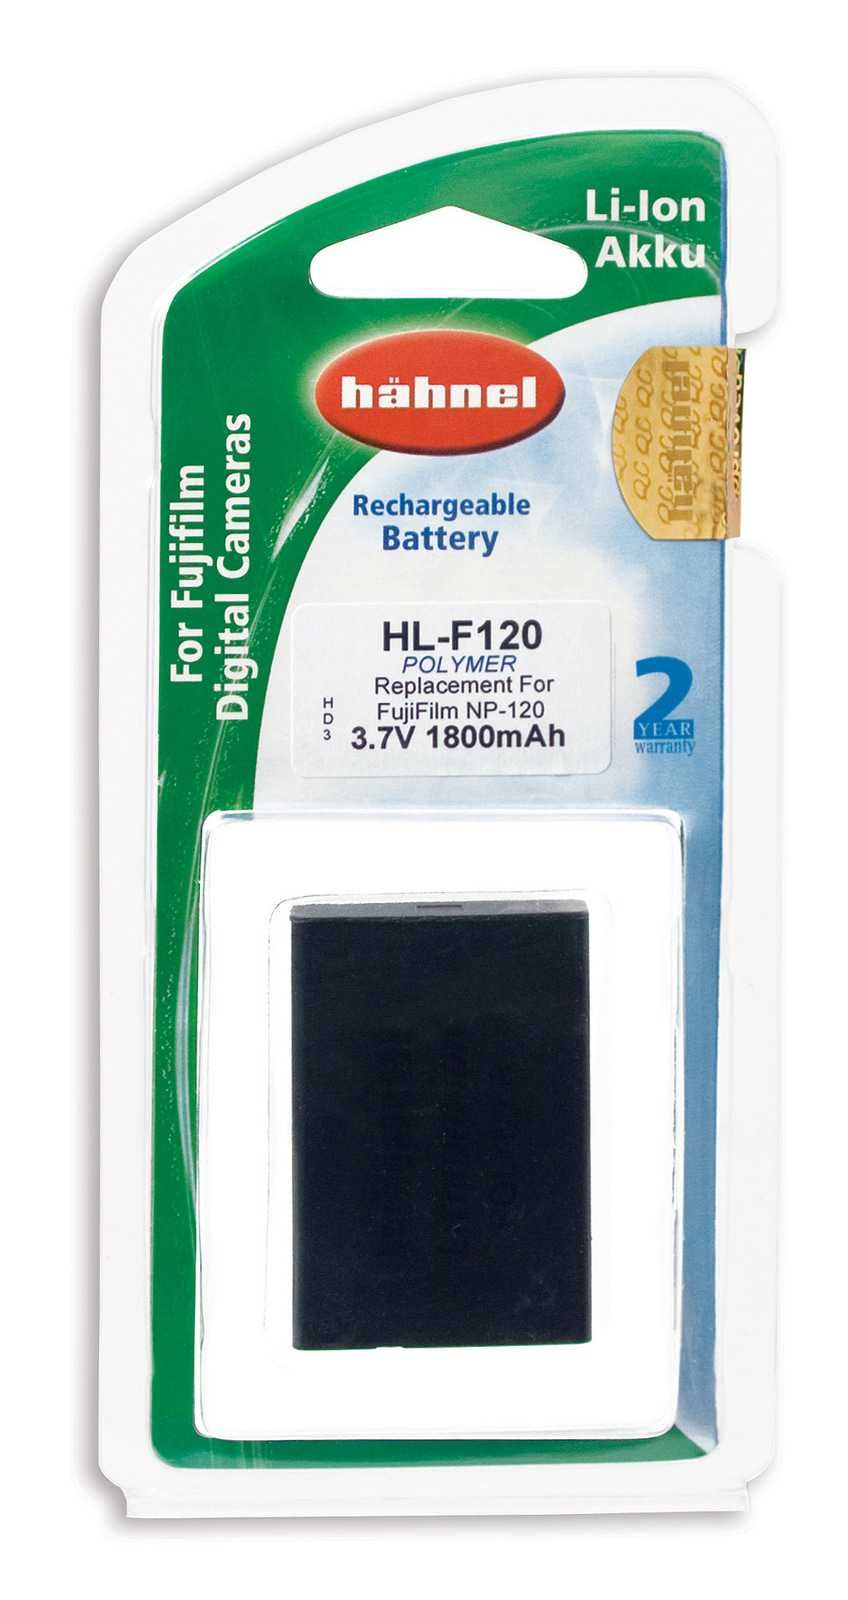 סוללה חליפית לפוג'י HL-F120